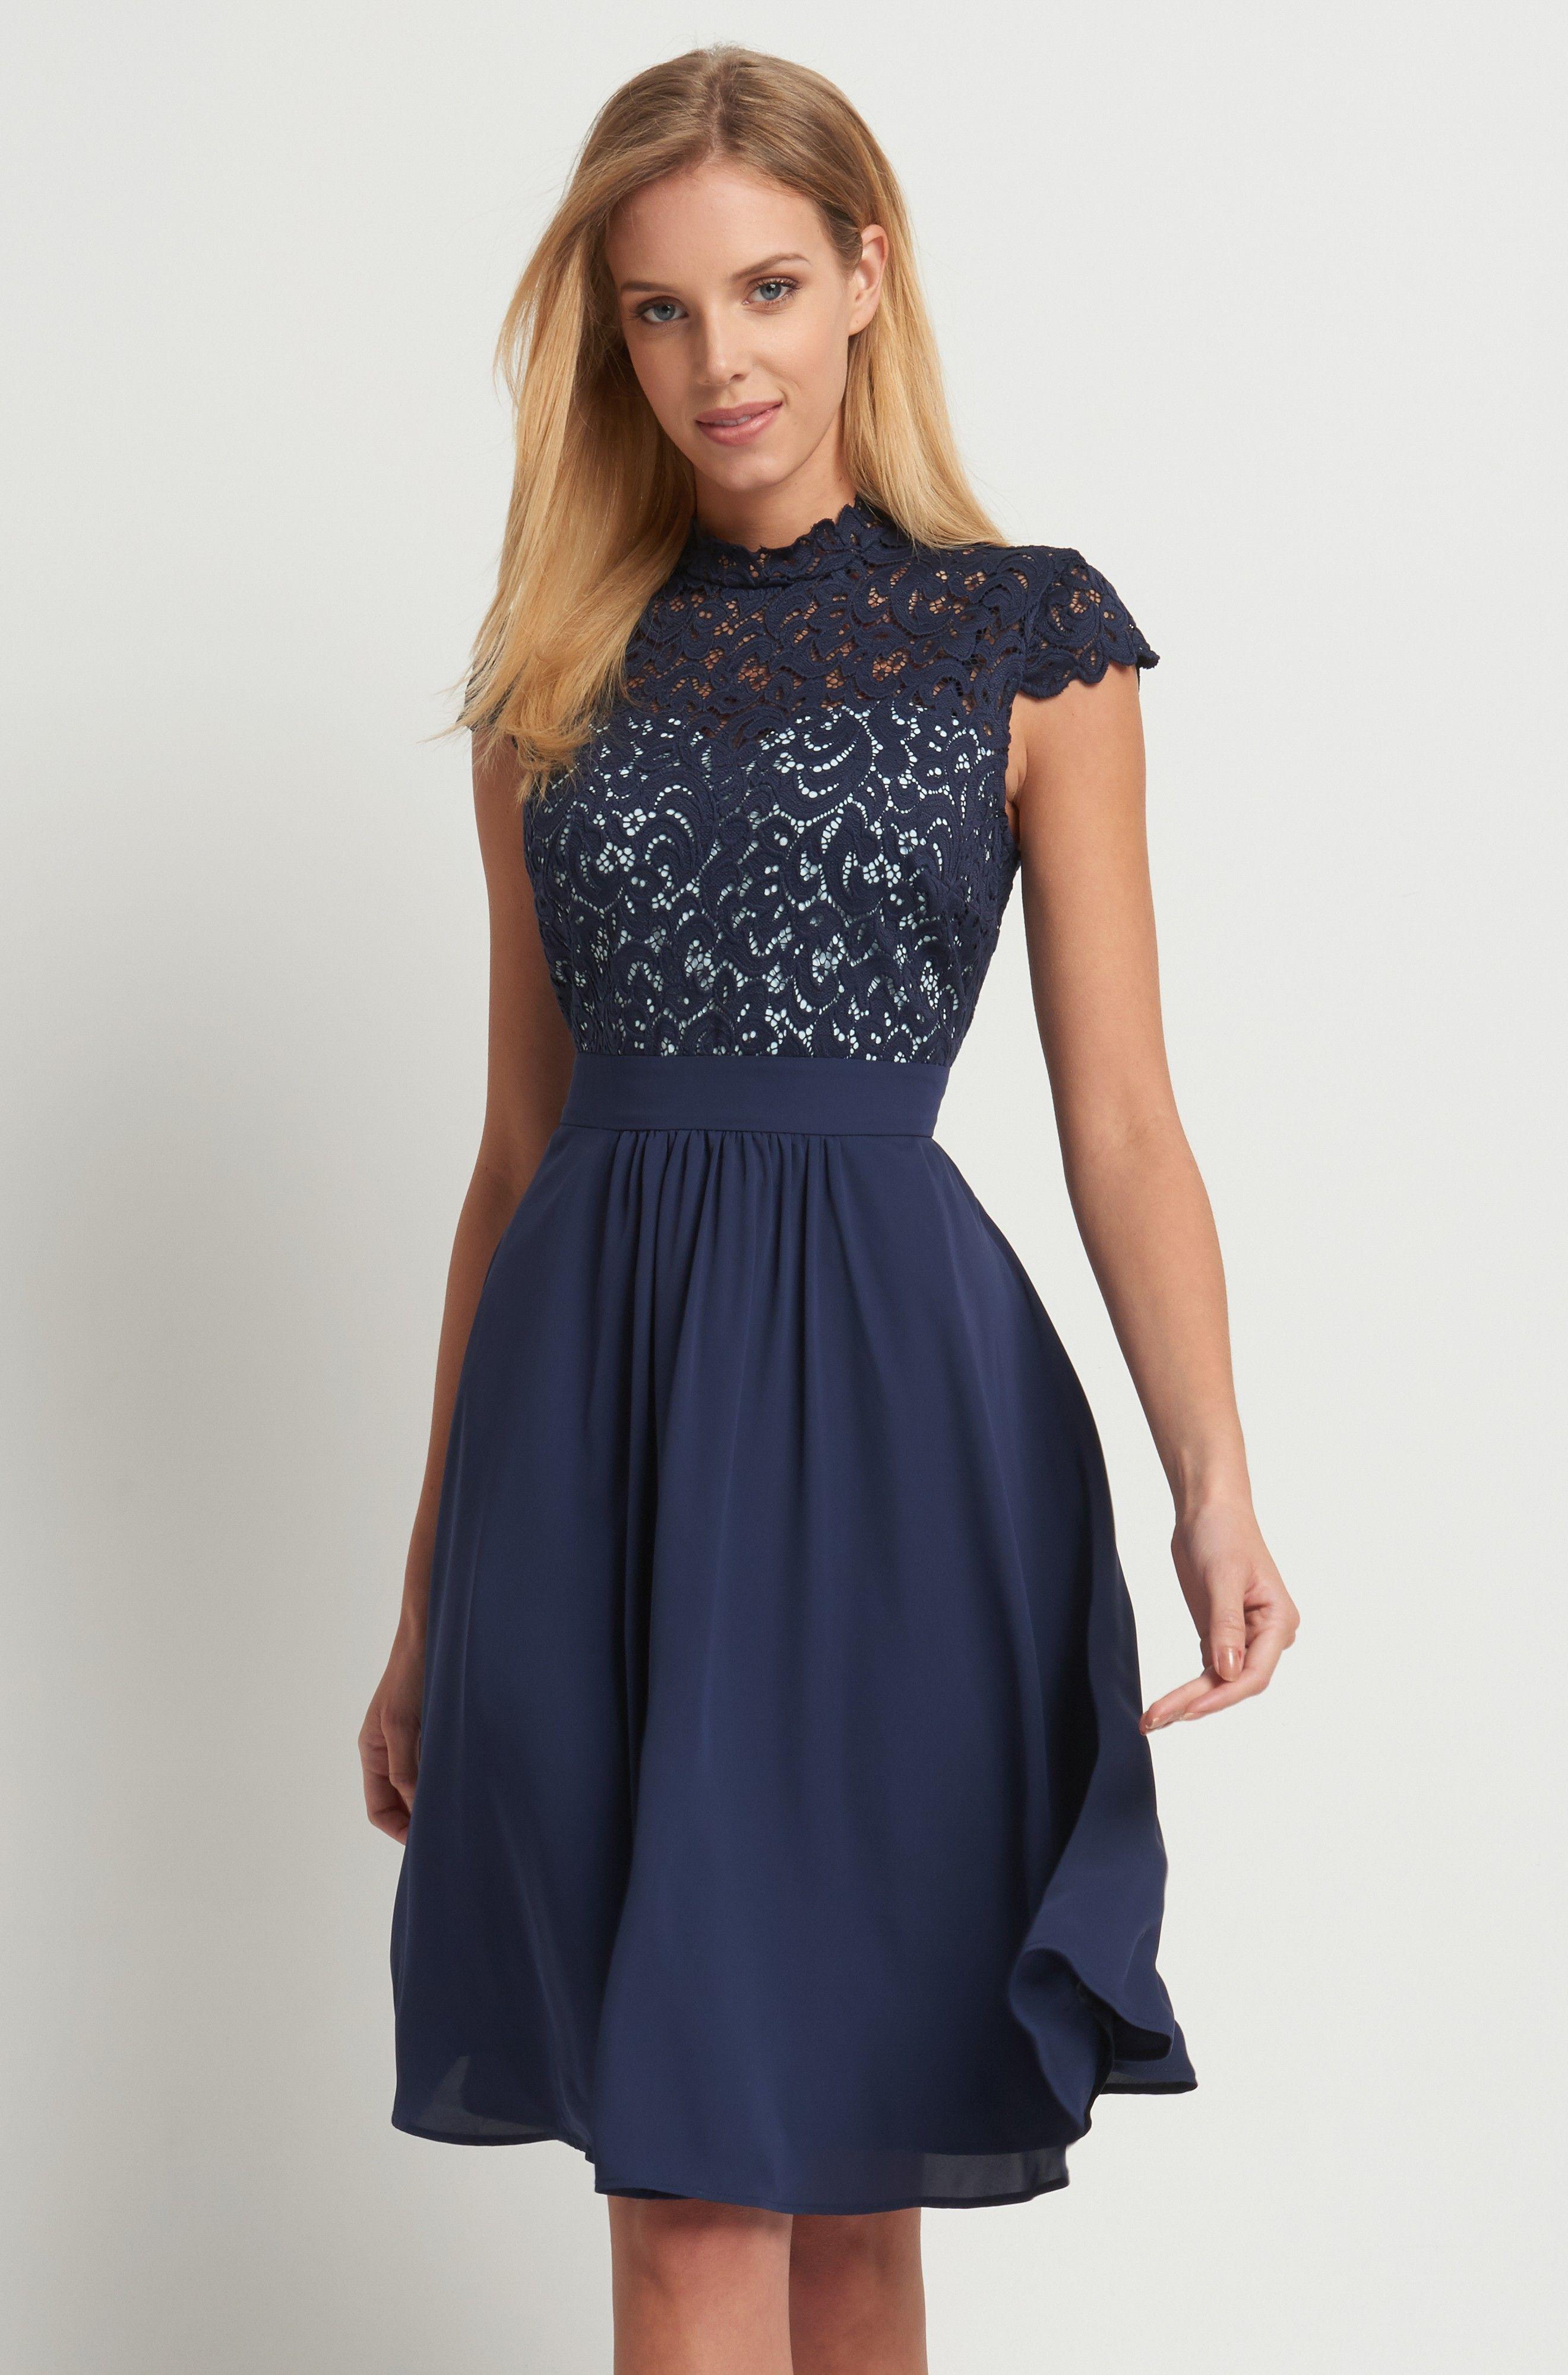 Kombinované šaty s krajkou | ORSAY | oblečení | Pinterest